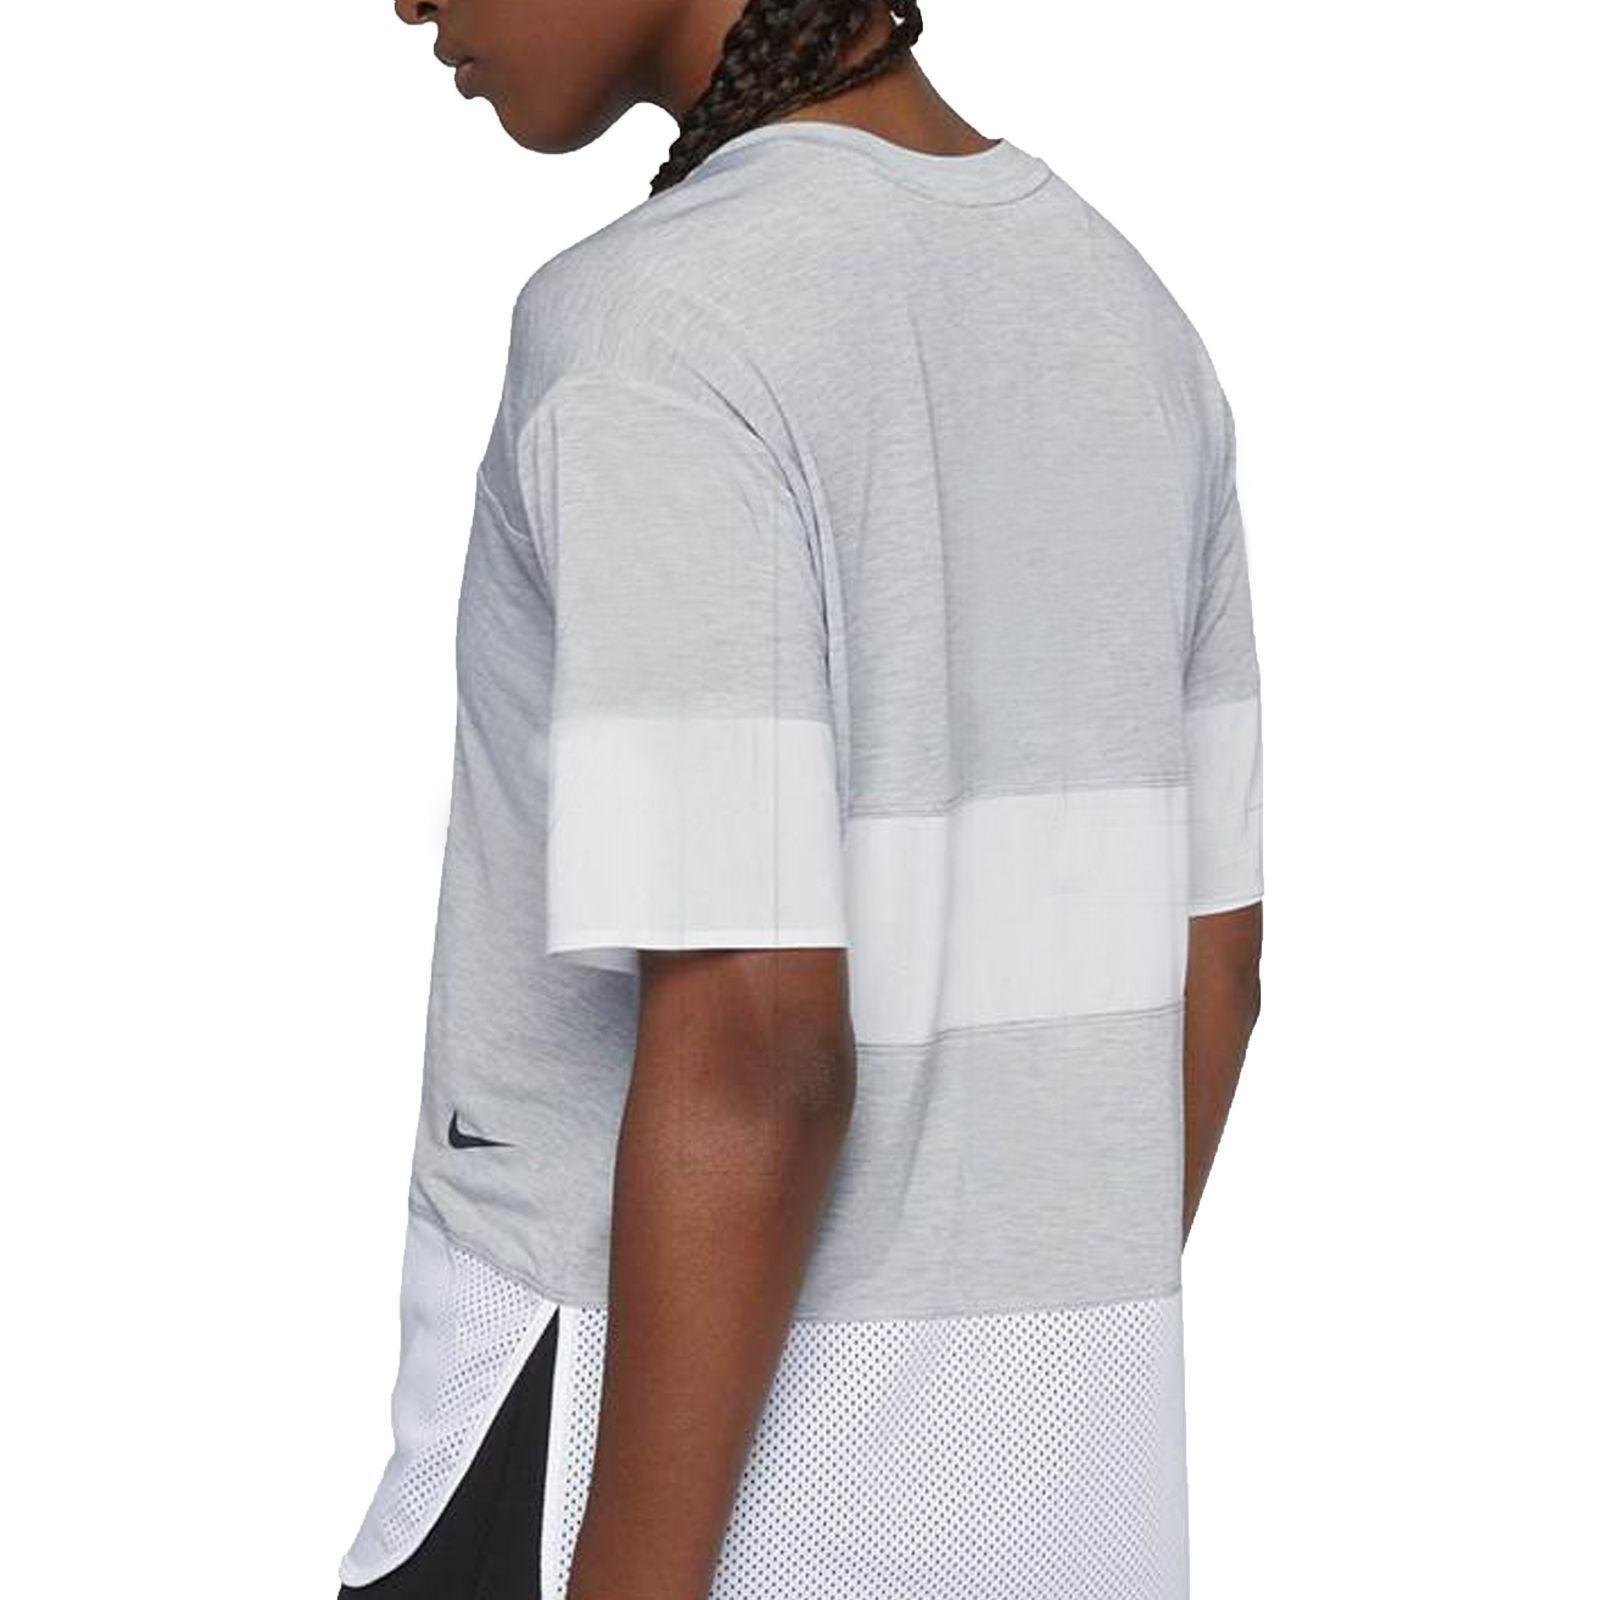 تی شرت ورزشی نخی زنانه - نایکی - طوسي - 5